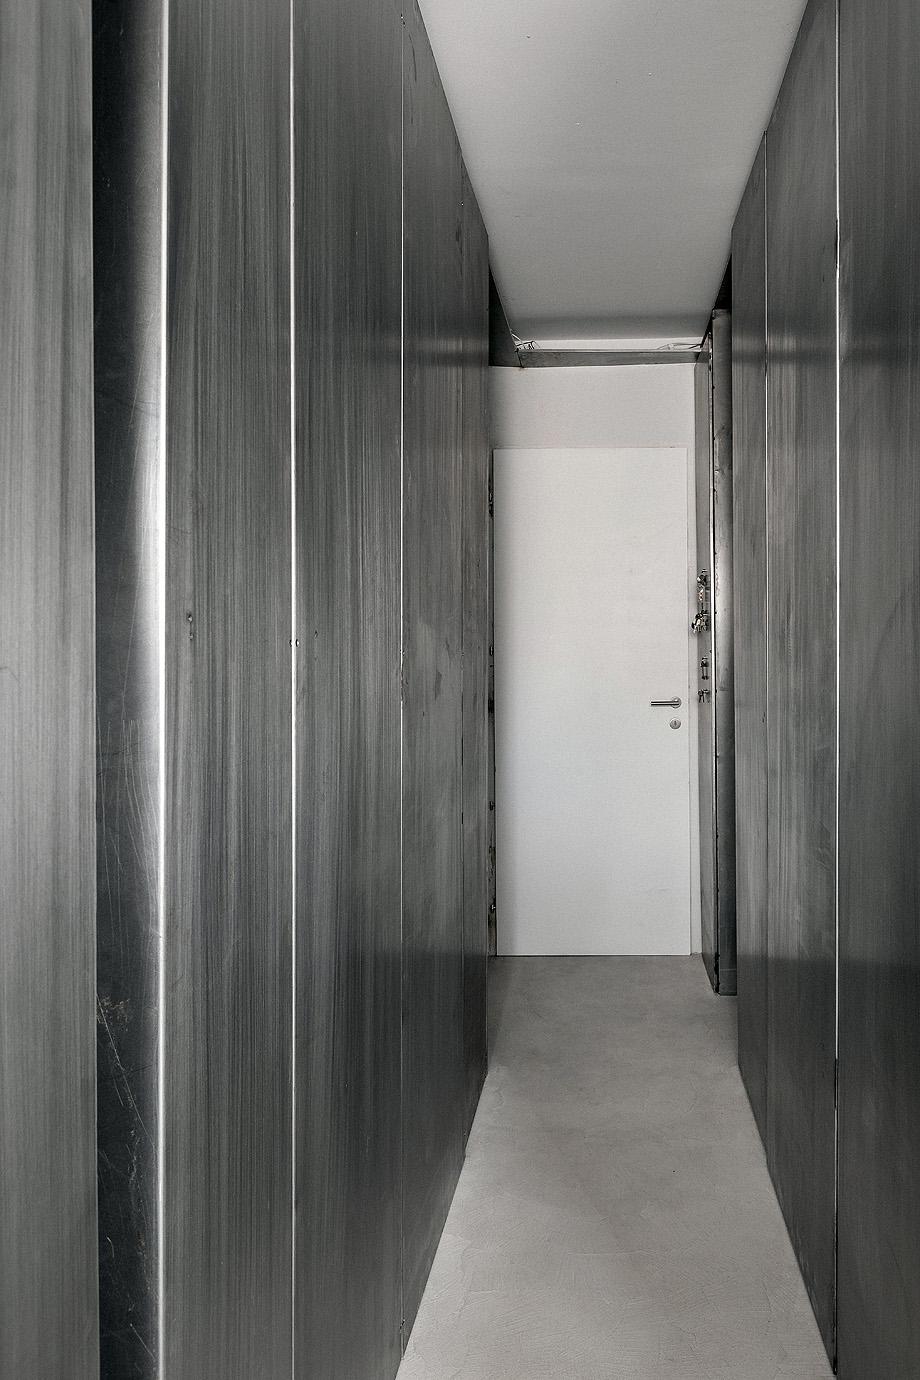 apartamento zero de mas epiteszek - david kis (23)